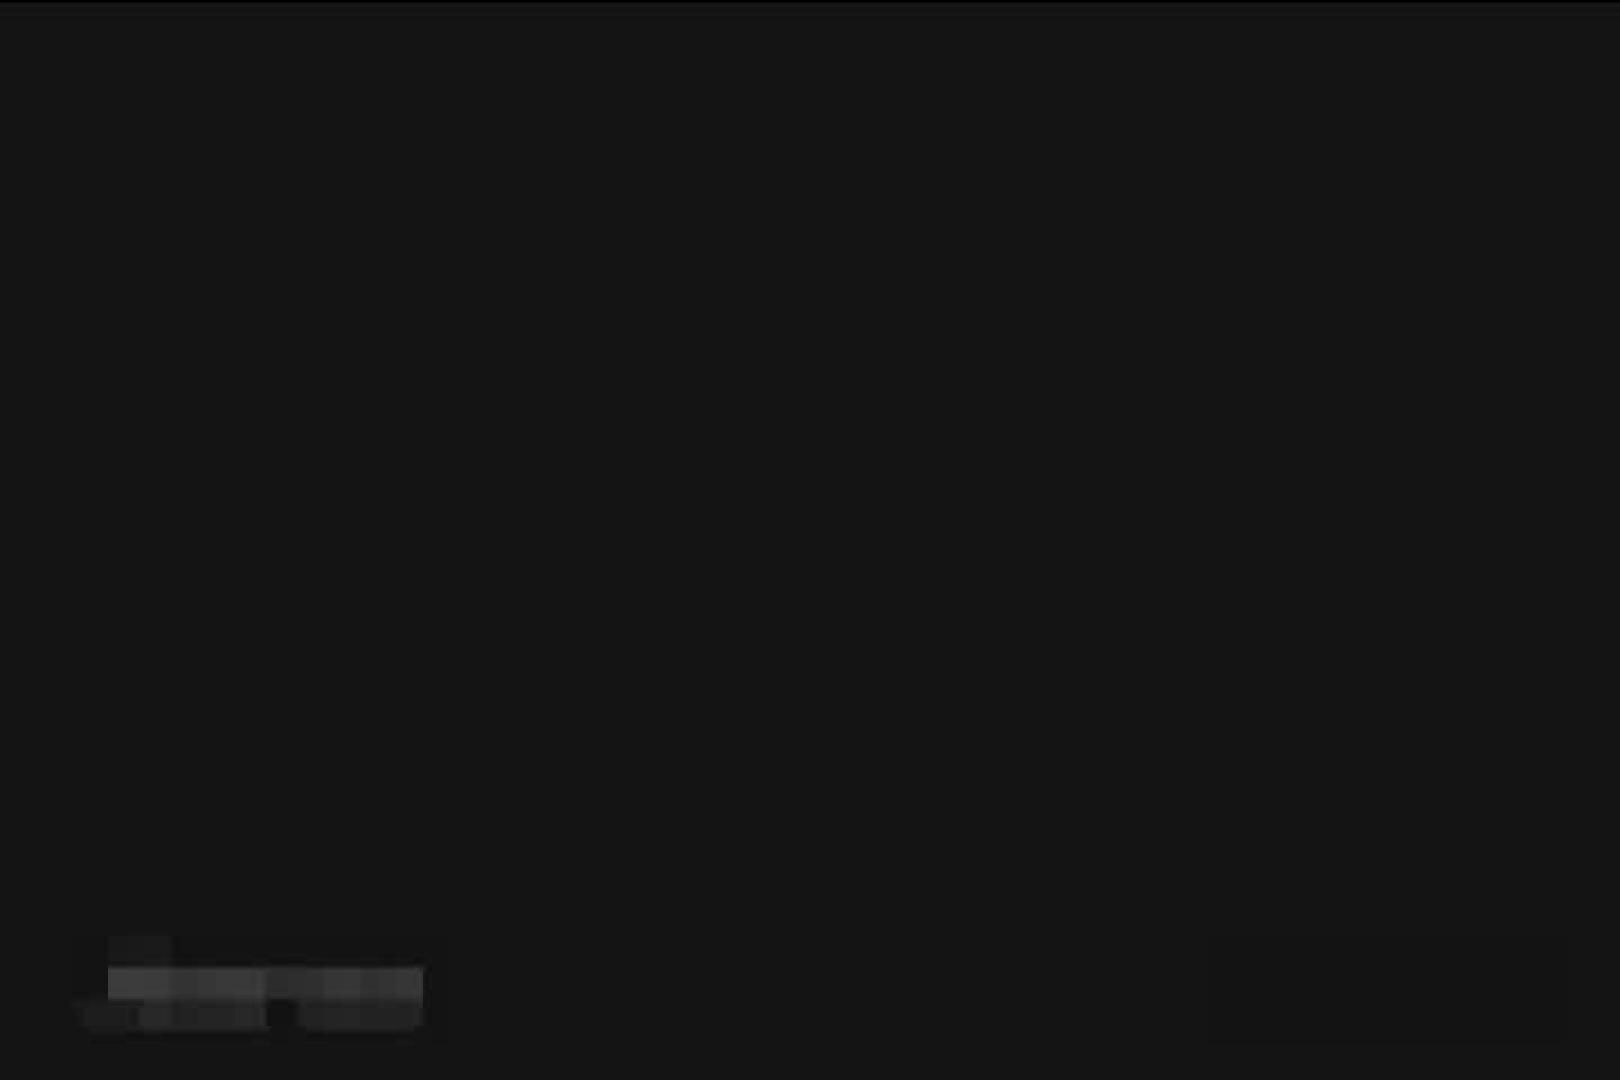 激撮ストーカー記録あなたのお宅拝見しますVol.7 セックス流出映像 濡れ場動画紹介 86連発 78